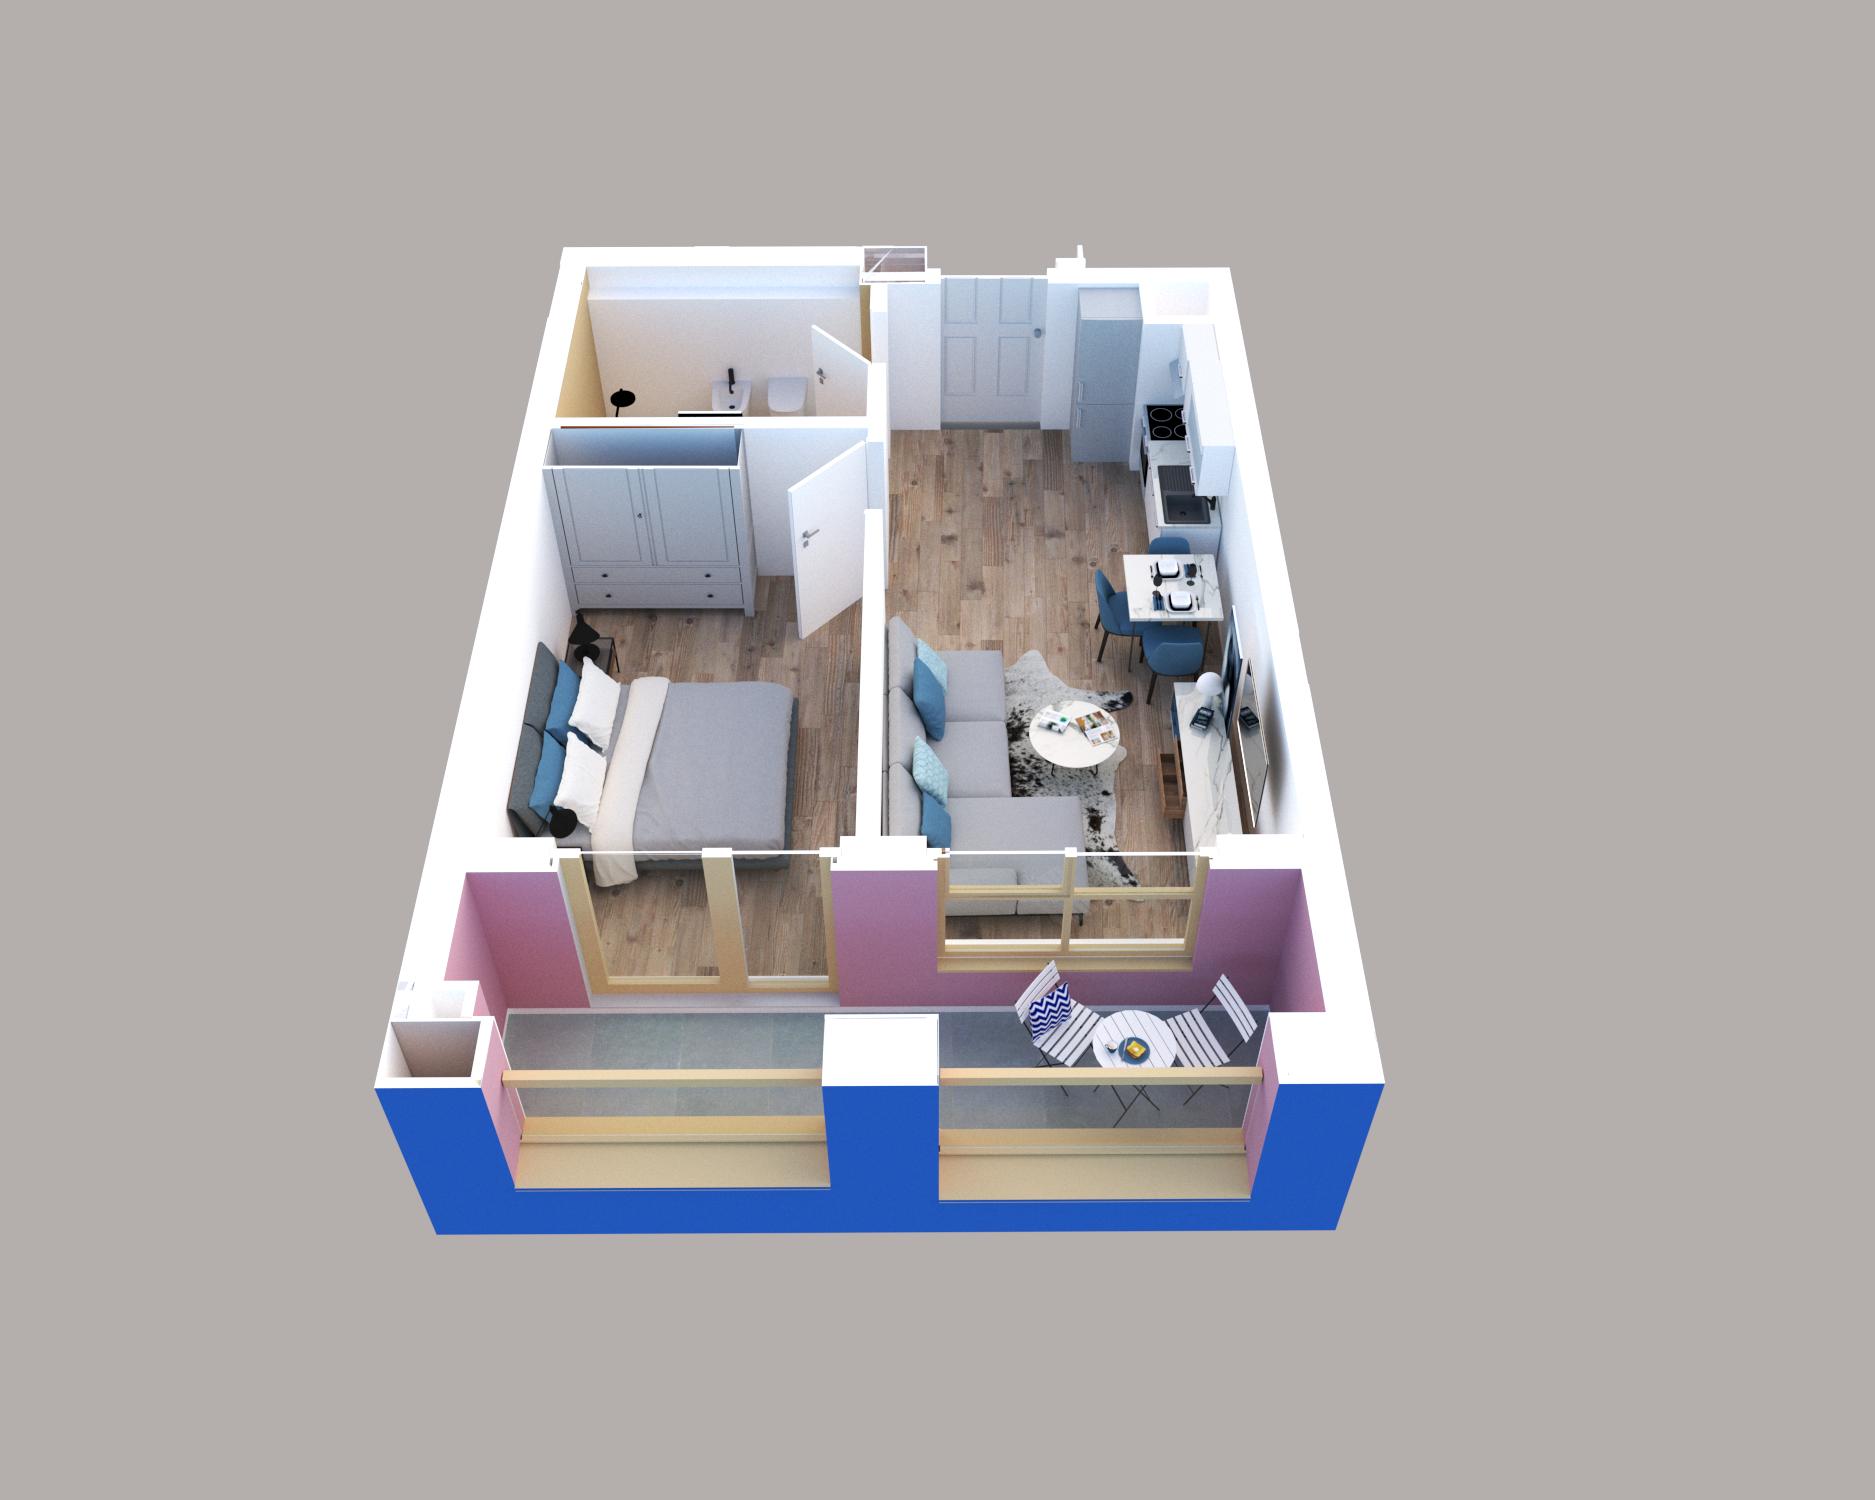 Apartament 1+1 në shitje në Tiranë - Mangalem 21 Shkalla 28 Kati 4